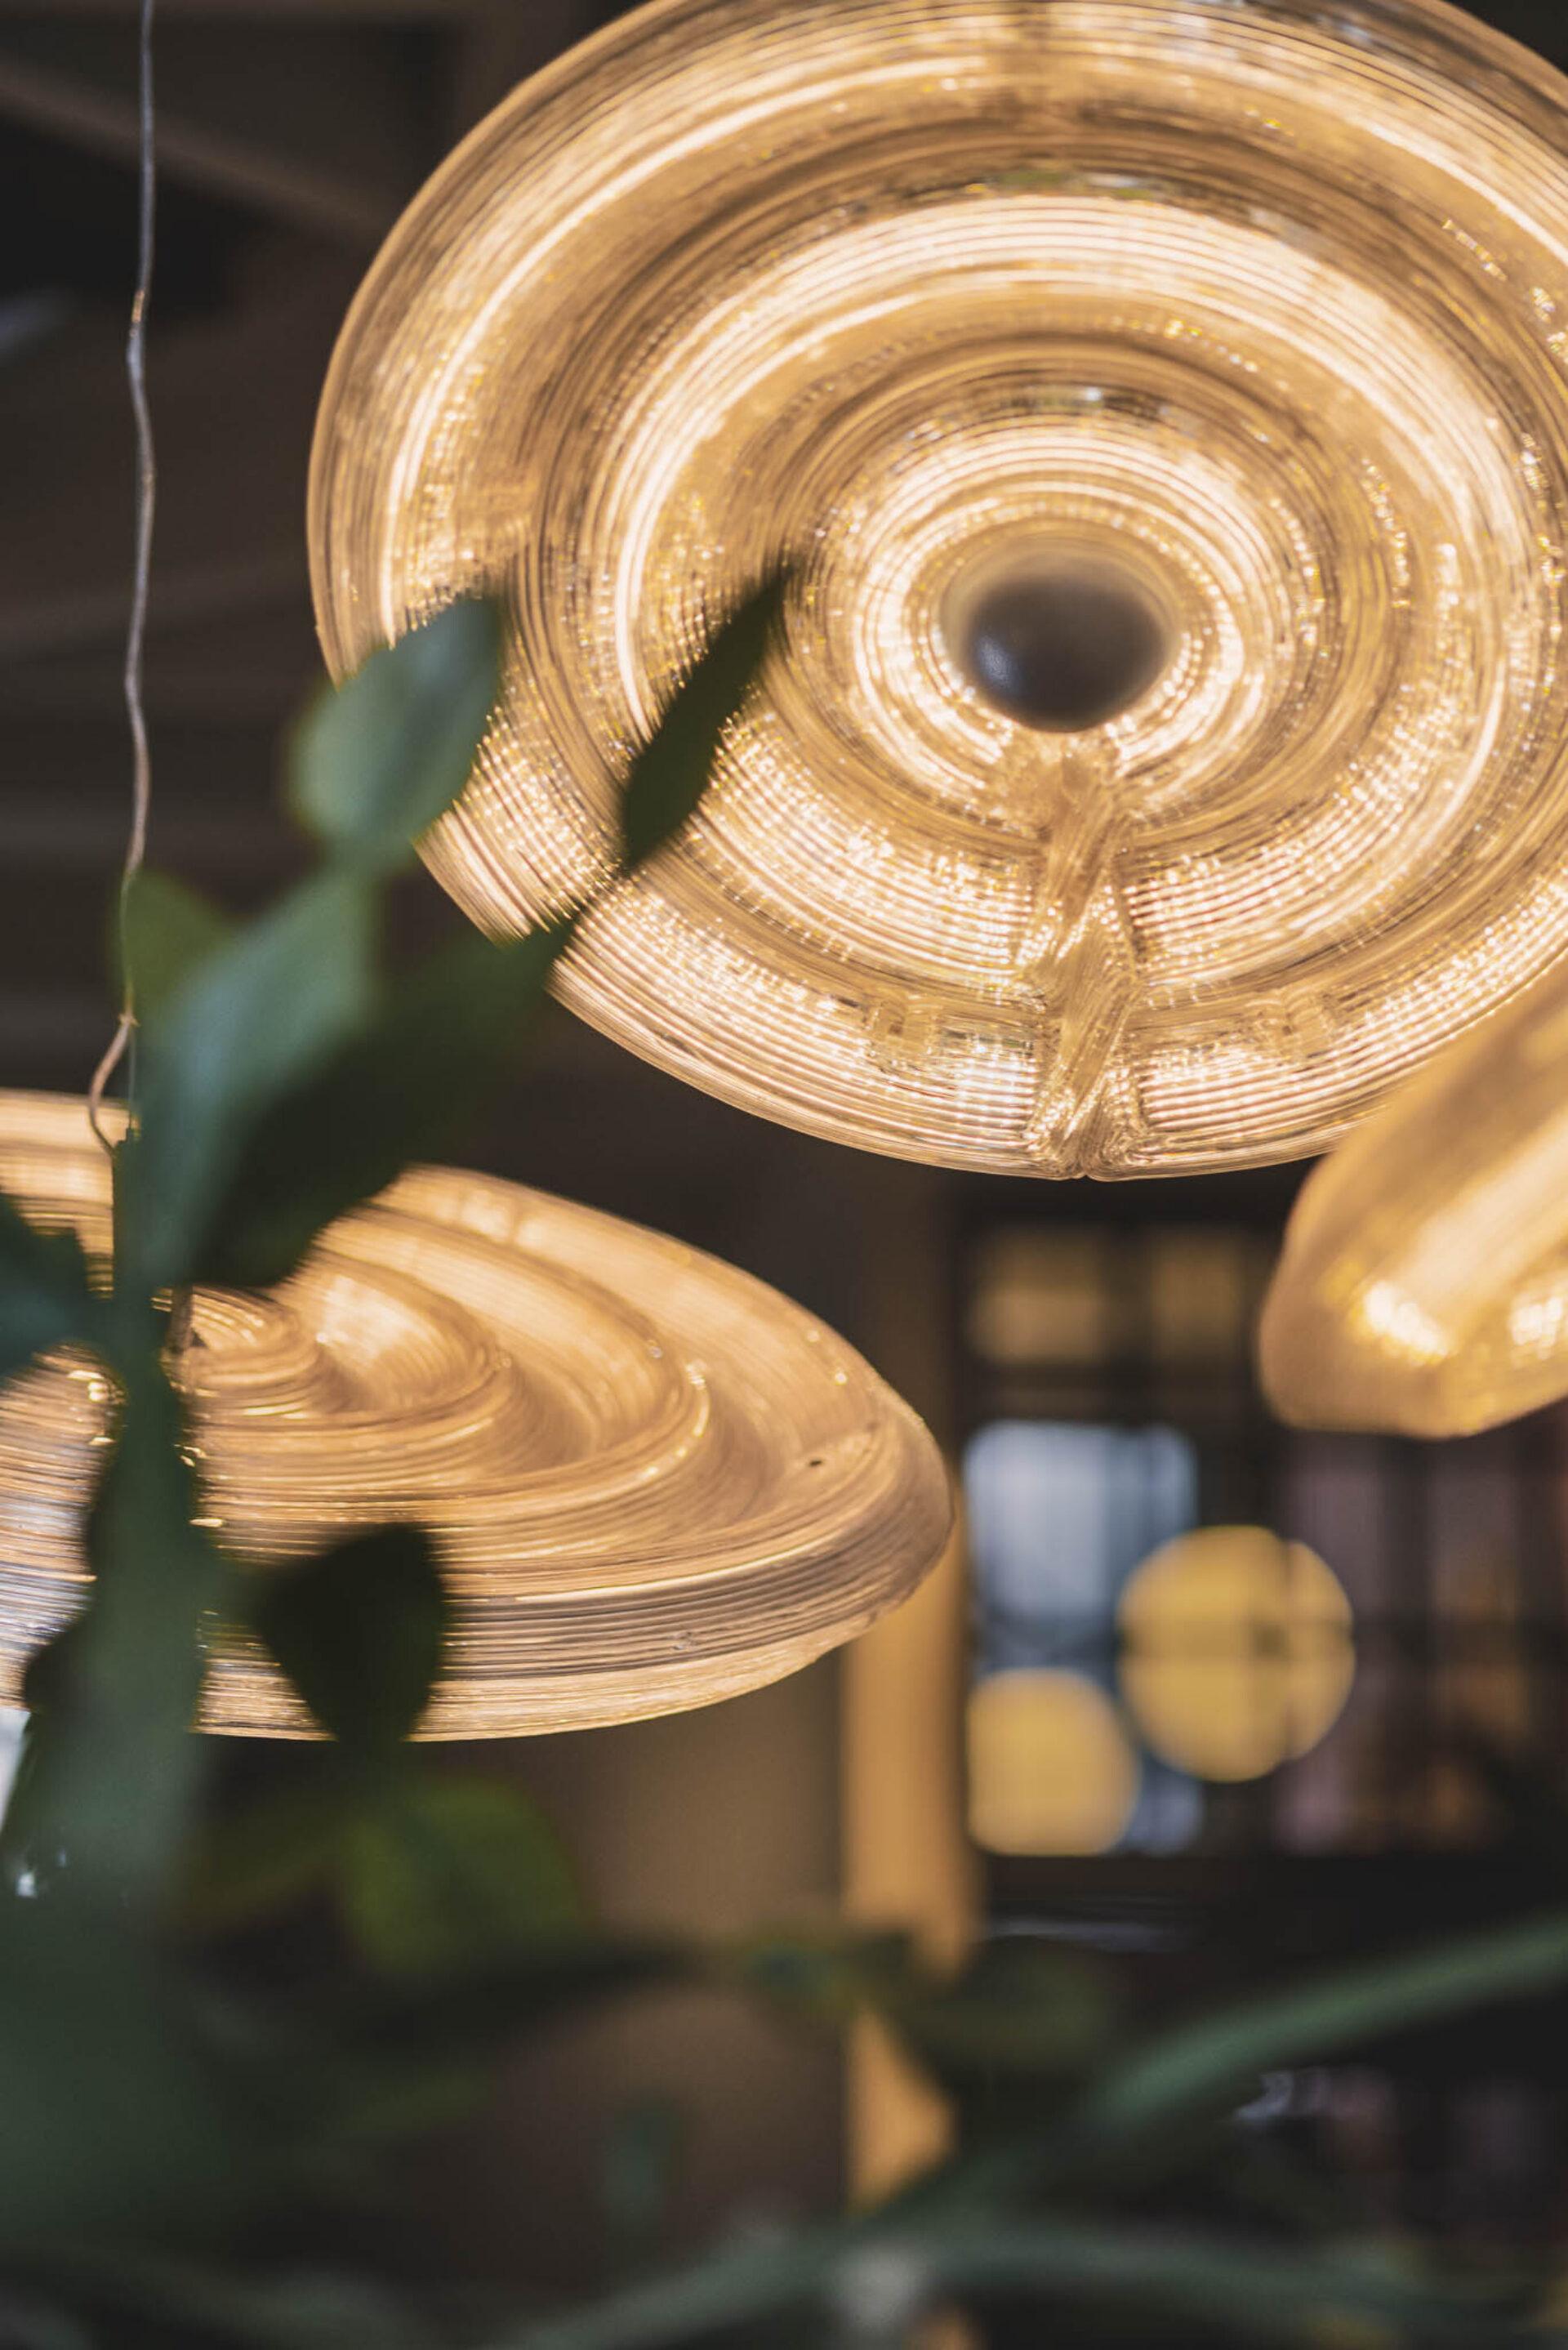 Kooij fresnel light installed 68cm